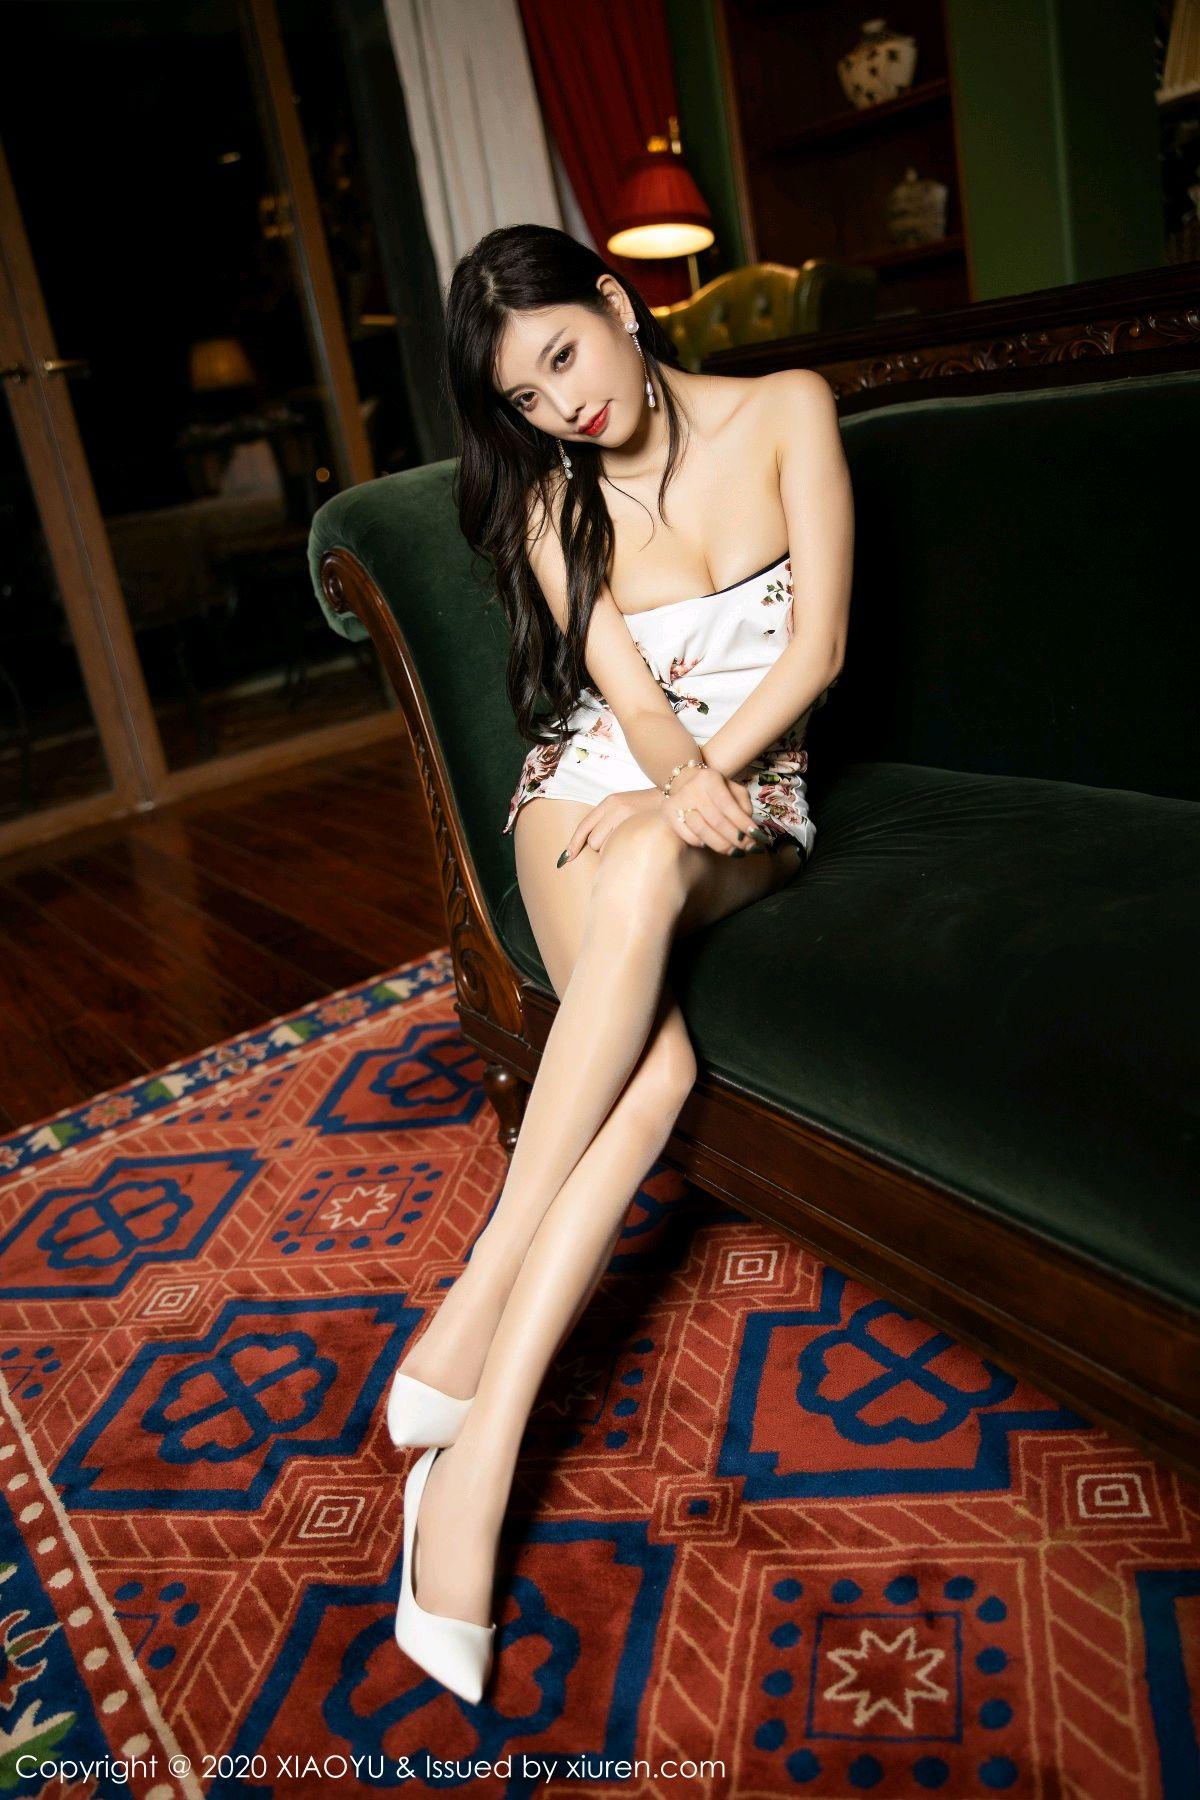 [XiaoYu] Vol.233 Yang Chen Chen 116P, Cheongsam, Foot, XiaoYu, Yang Chen Chen